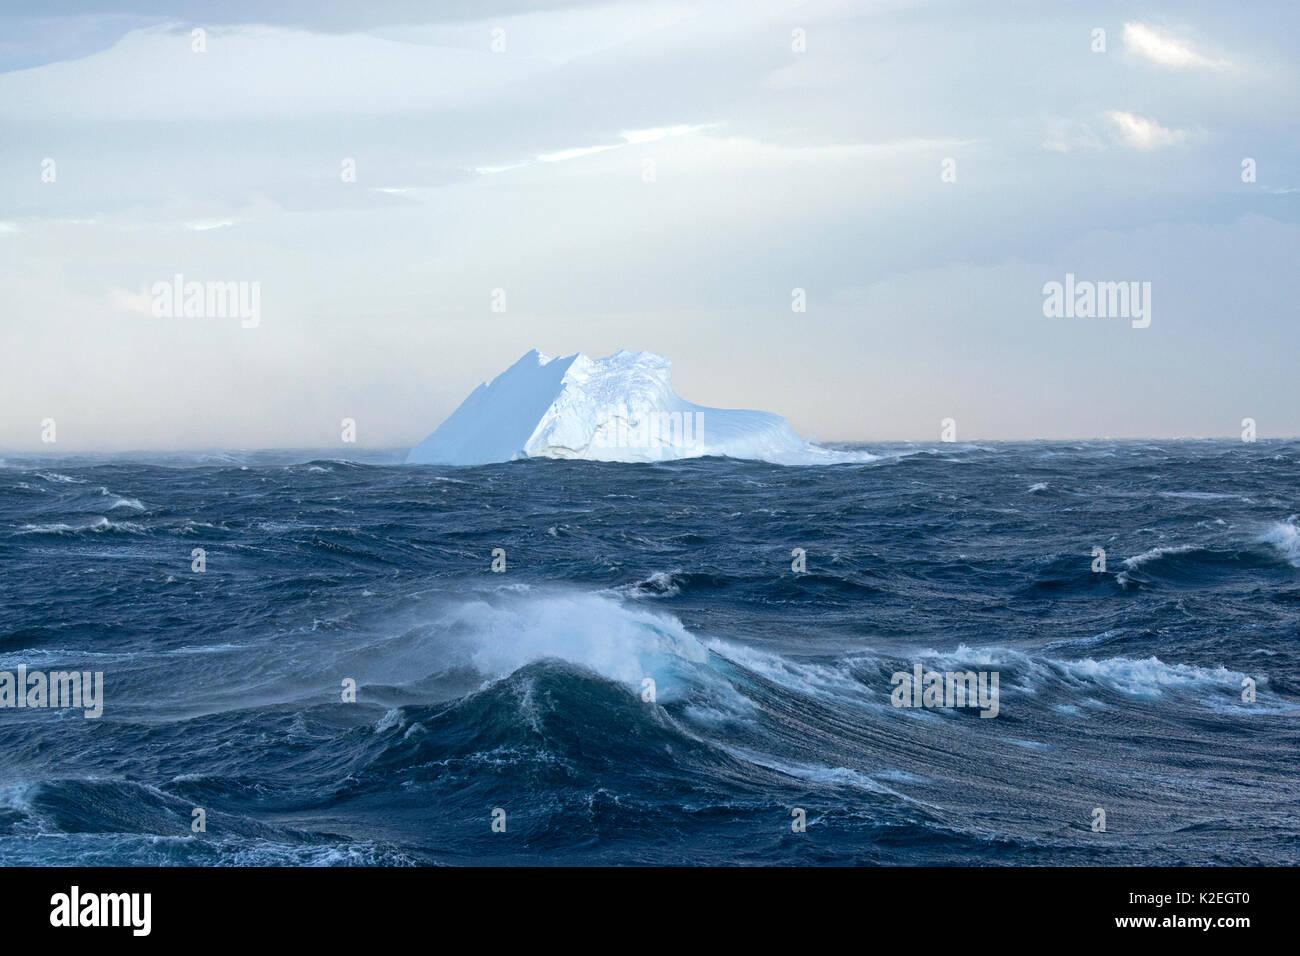 Iceberg dans une mer difficile, détroit de Bransfield, Péninsule Antarctique, l'Antarctique. Décembre 2015. Banque D'Images